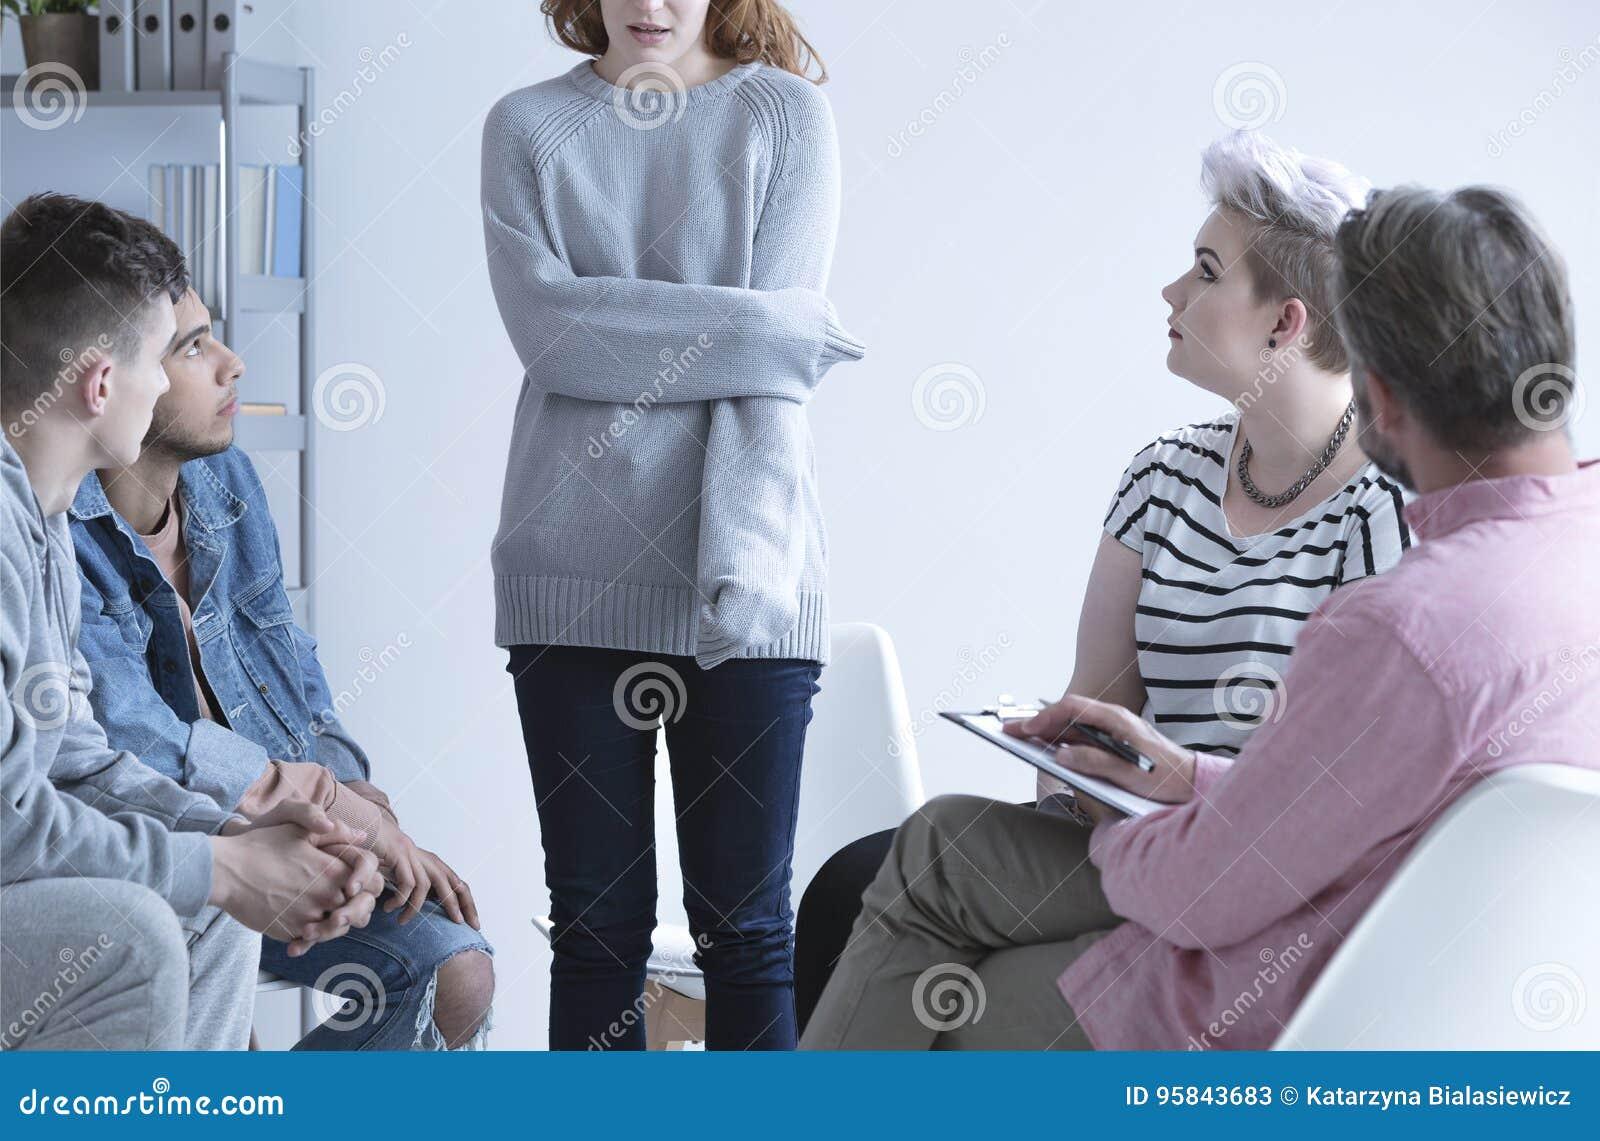 Mädchen an der Gruppentherapie